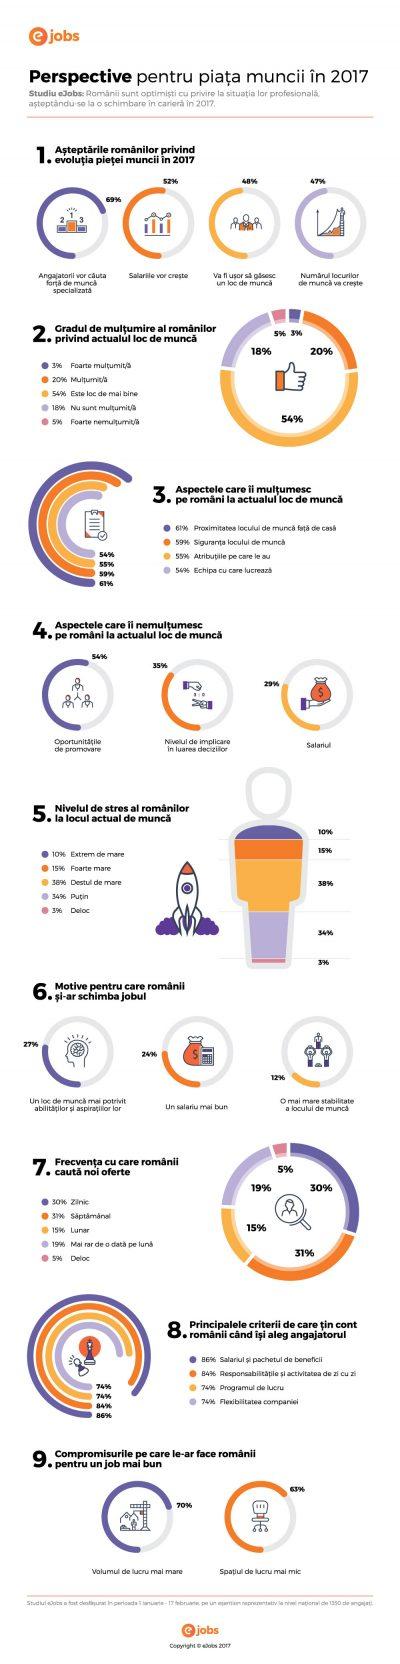 Studiu eJobs: 52% dintre români se așteaptă să le crească salariul în 2017 și 39% au în plan să-și schimbe locul de muncă